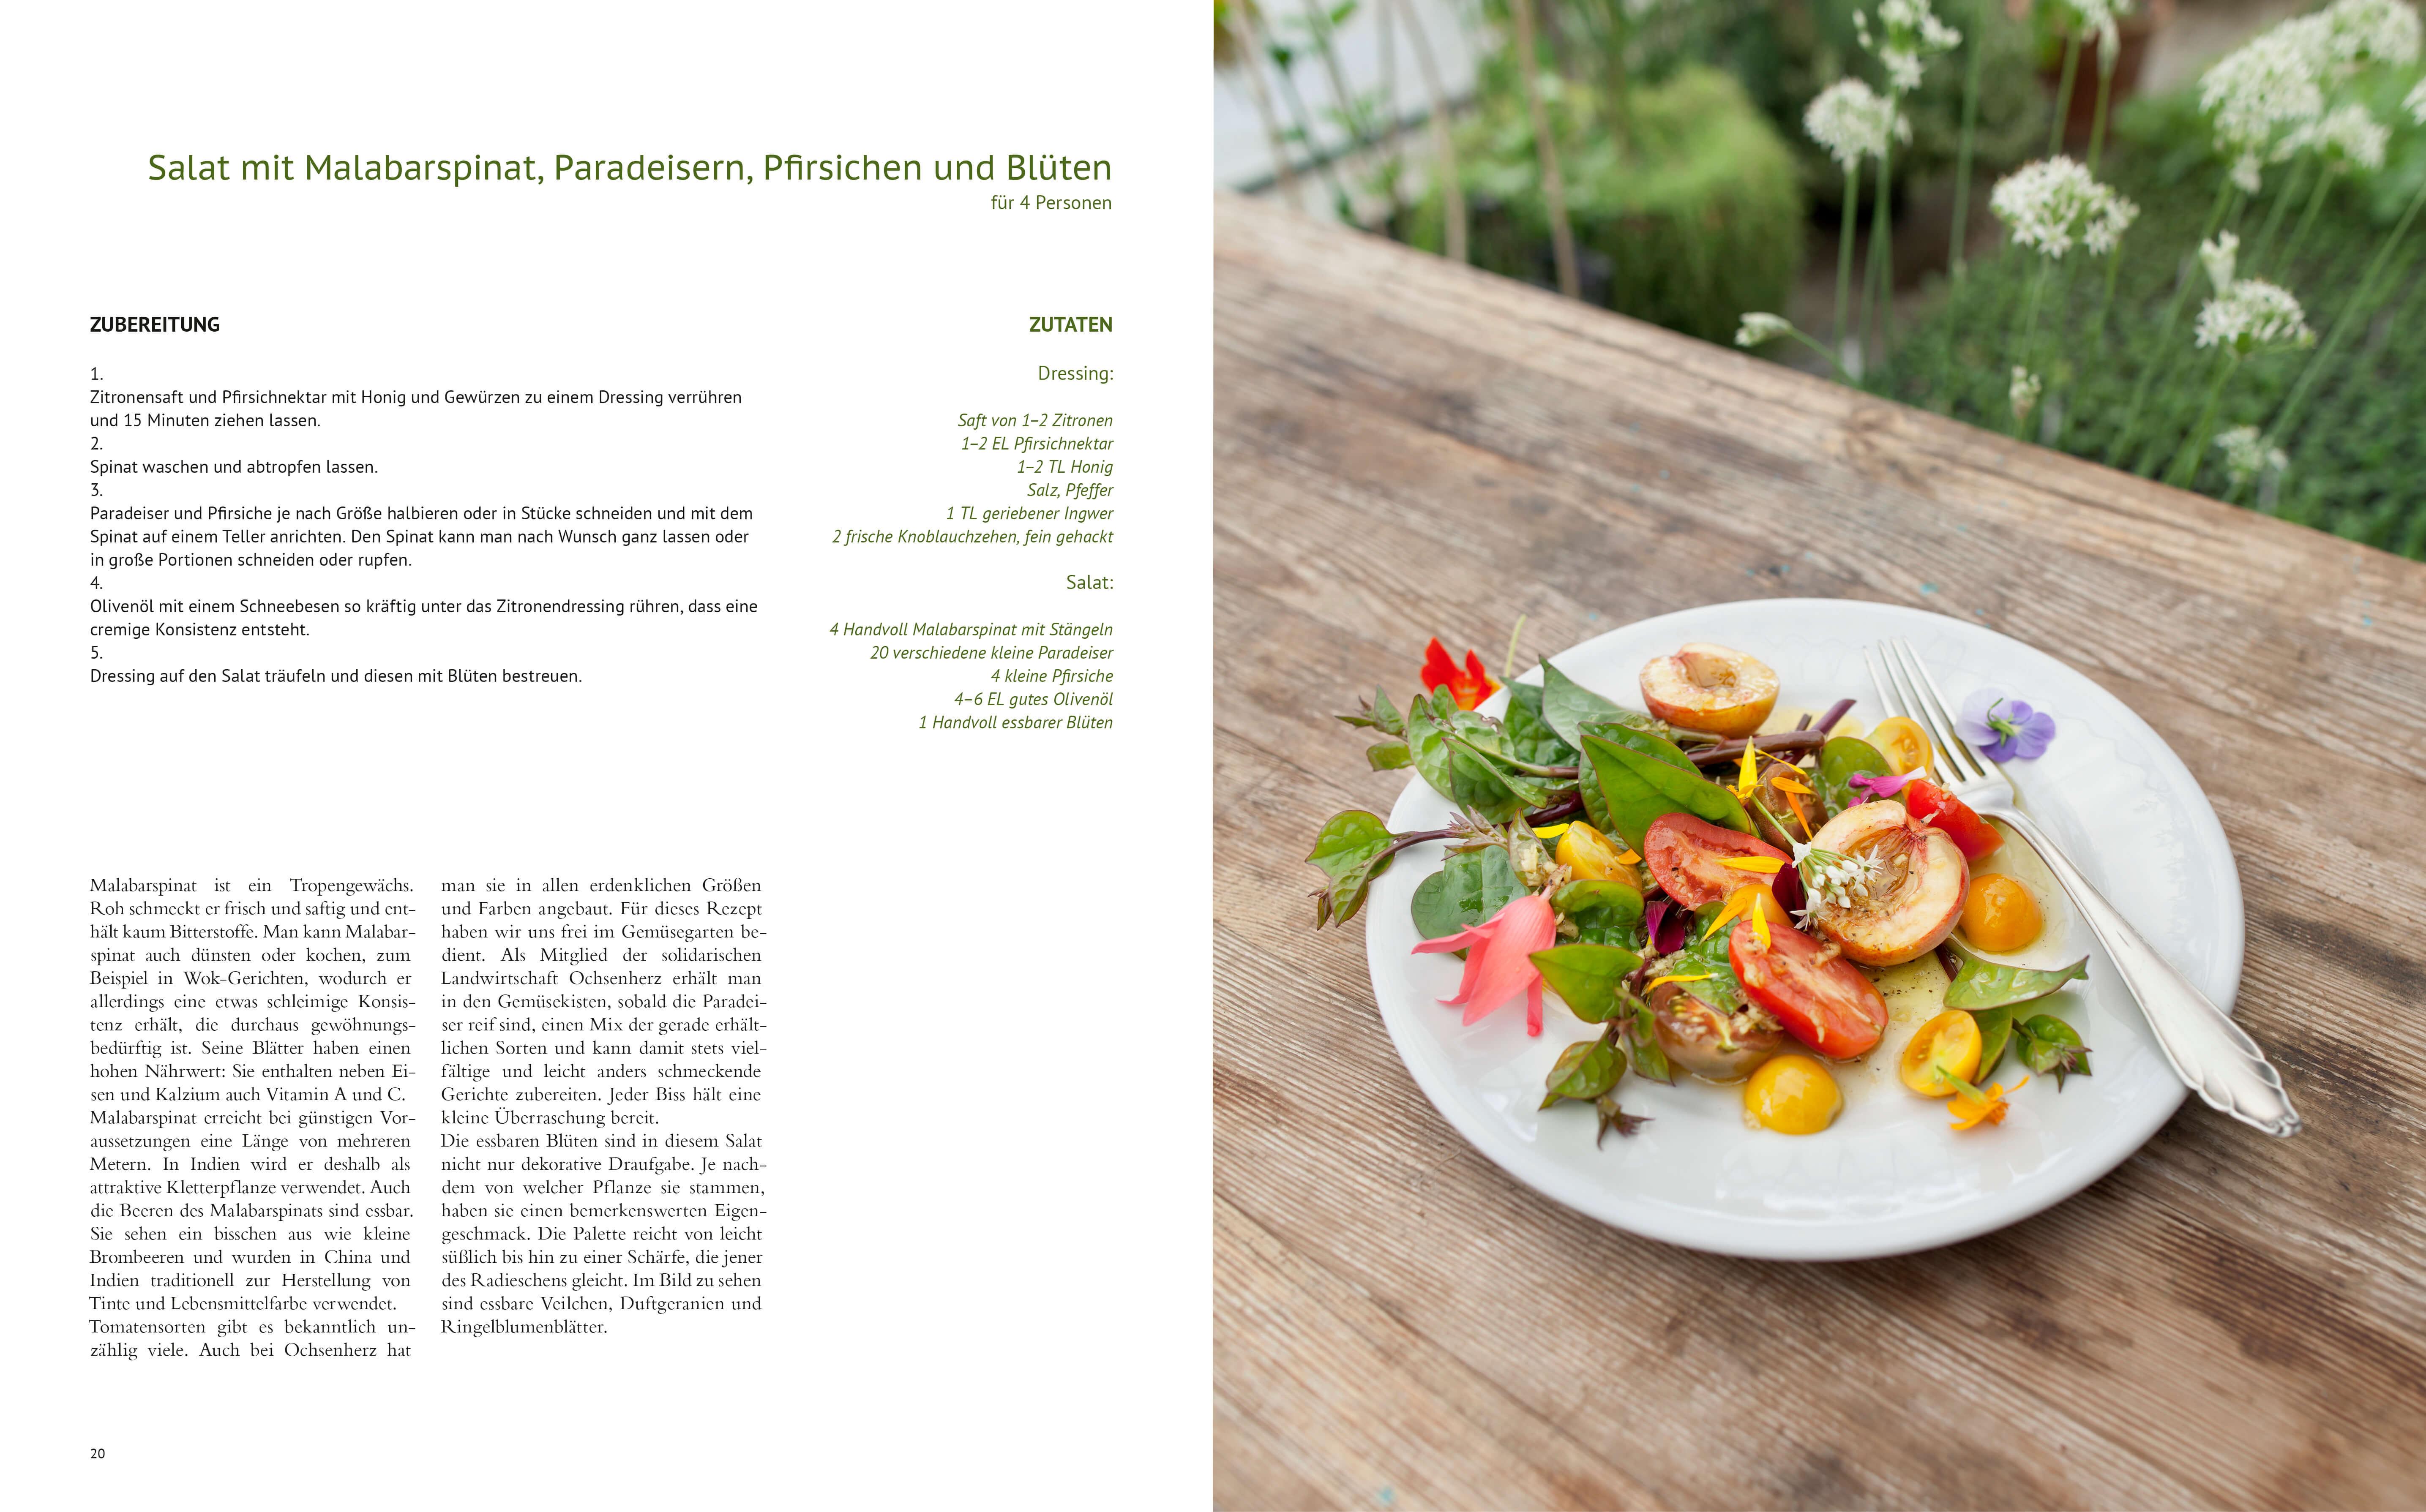 Salat mit Spinat und Pfirsich